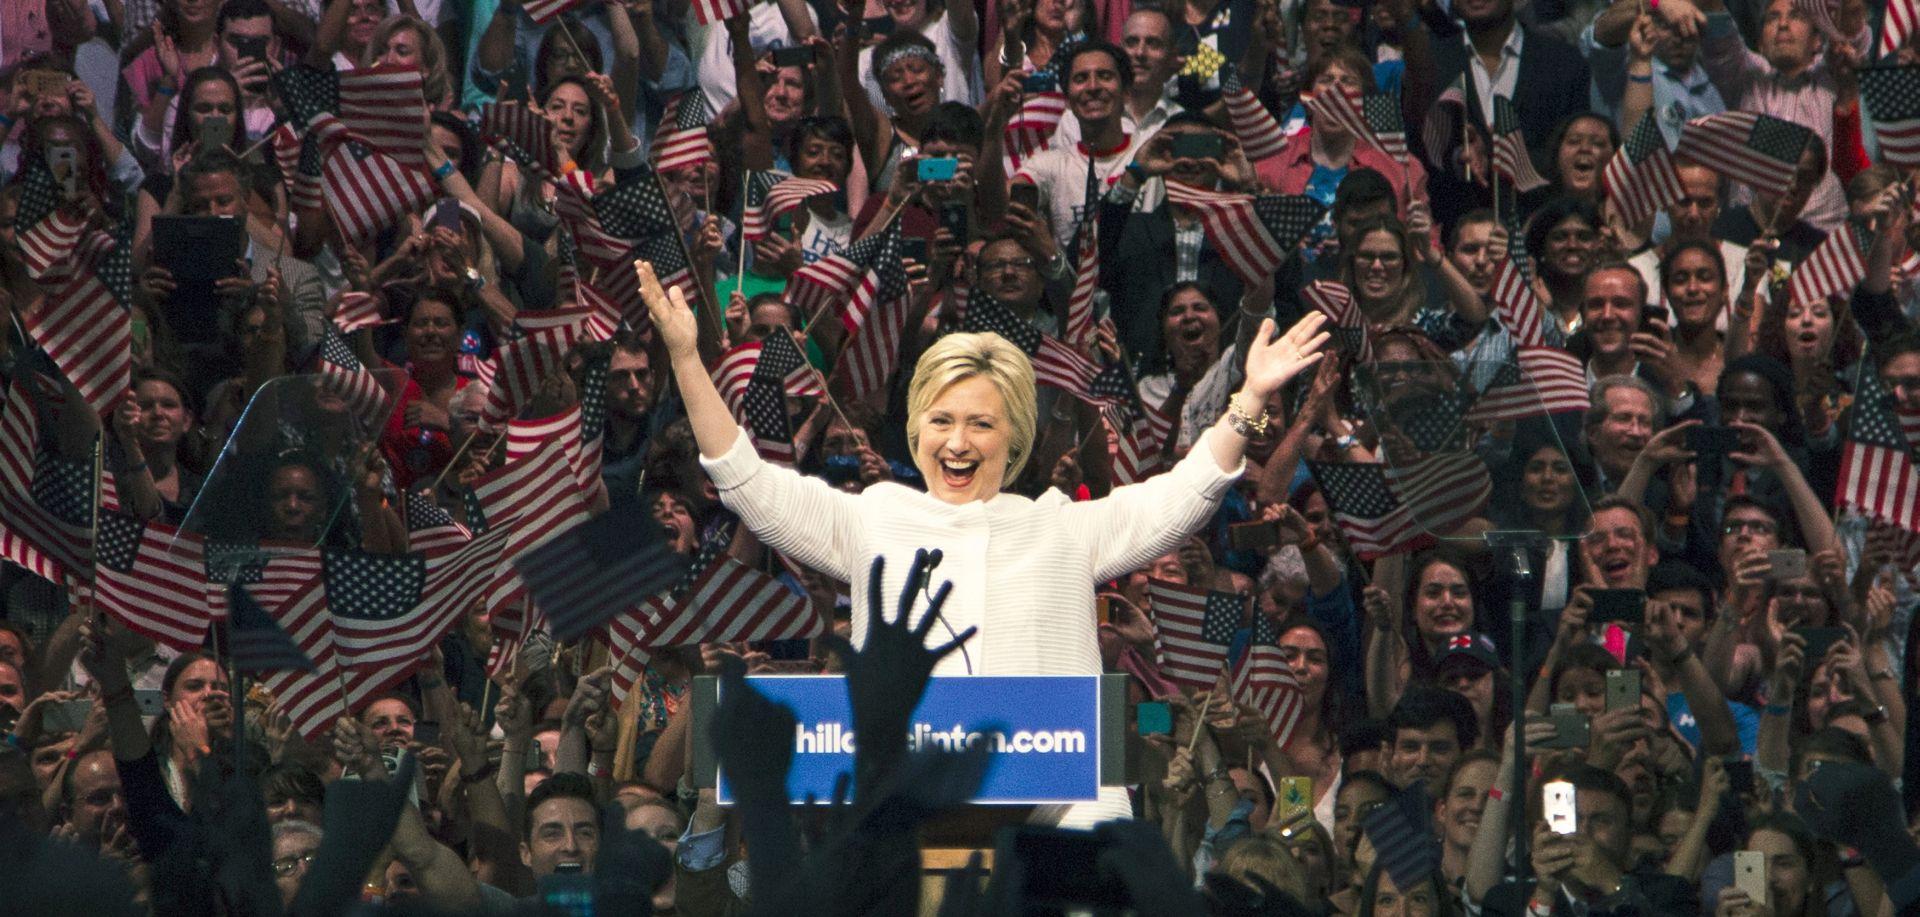 """LIJEČNICA """"Hillary Clinton je zdrava i sposobna za obnašanje predsjedničke dužnost"""""""